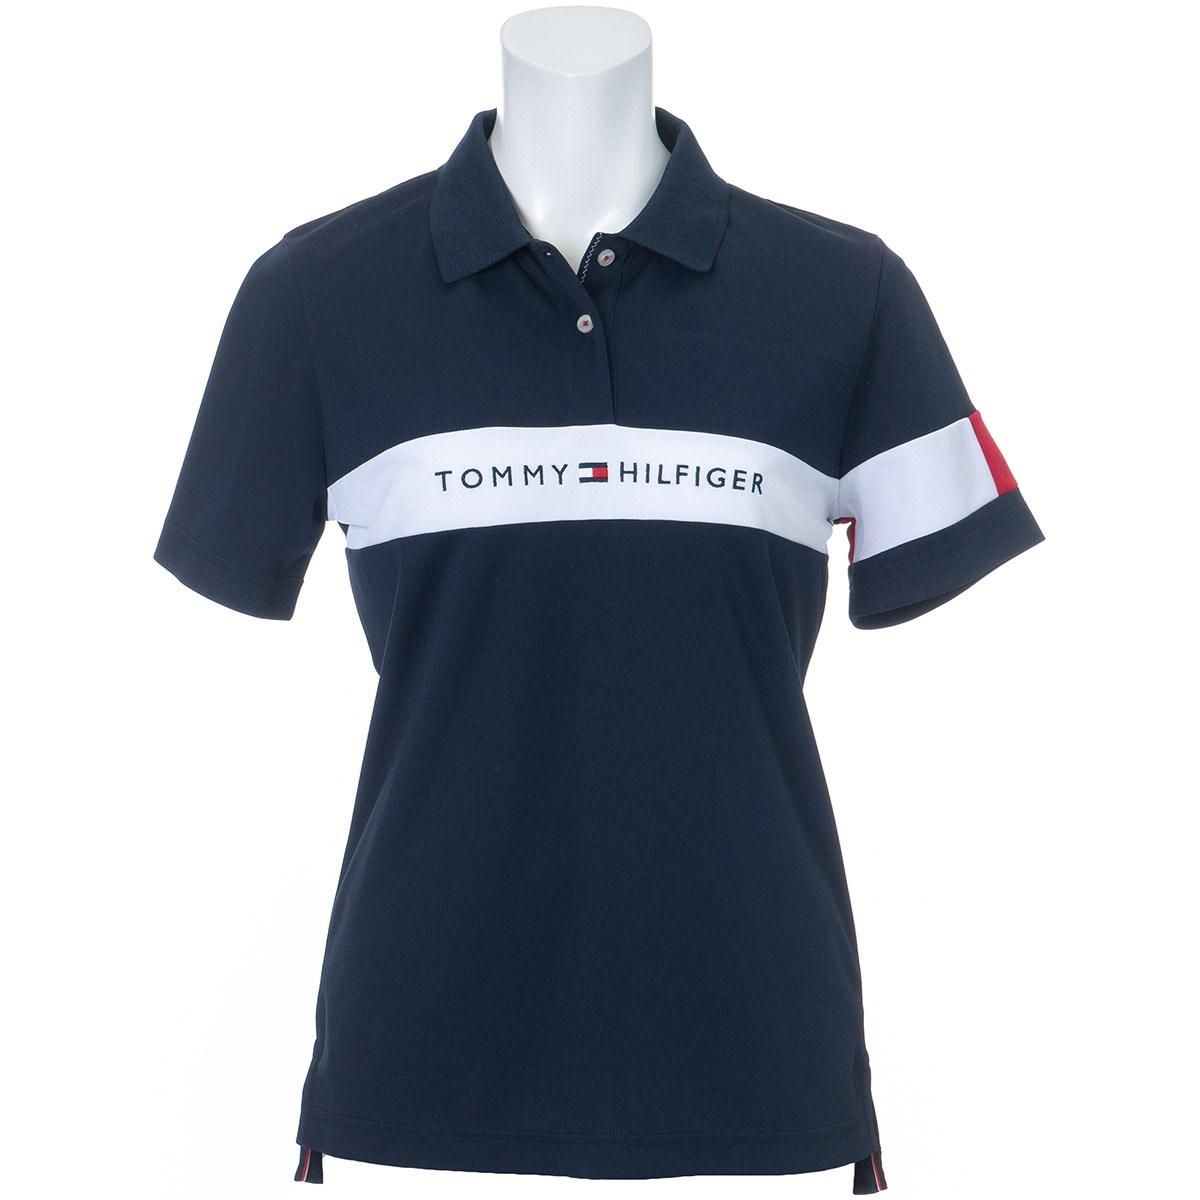 トミー ヒルフィガー ゴルフ TOMMY HILFIGER GOLF TOMMYロゴ 半袖ポロシャツ L ネイビー レディス